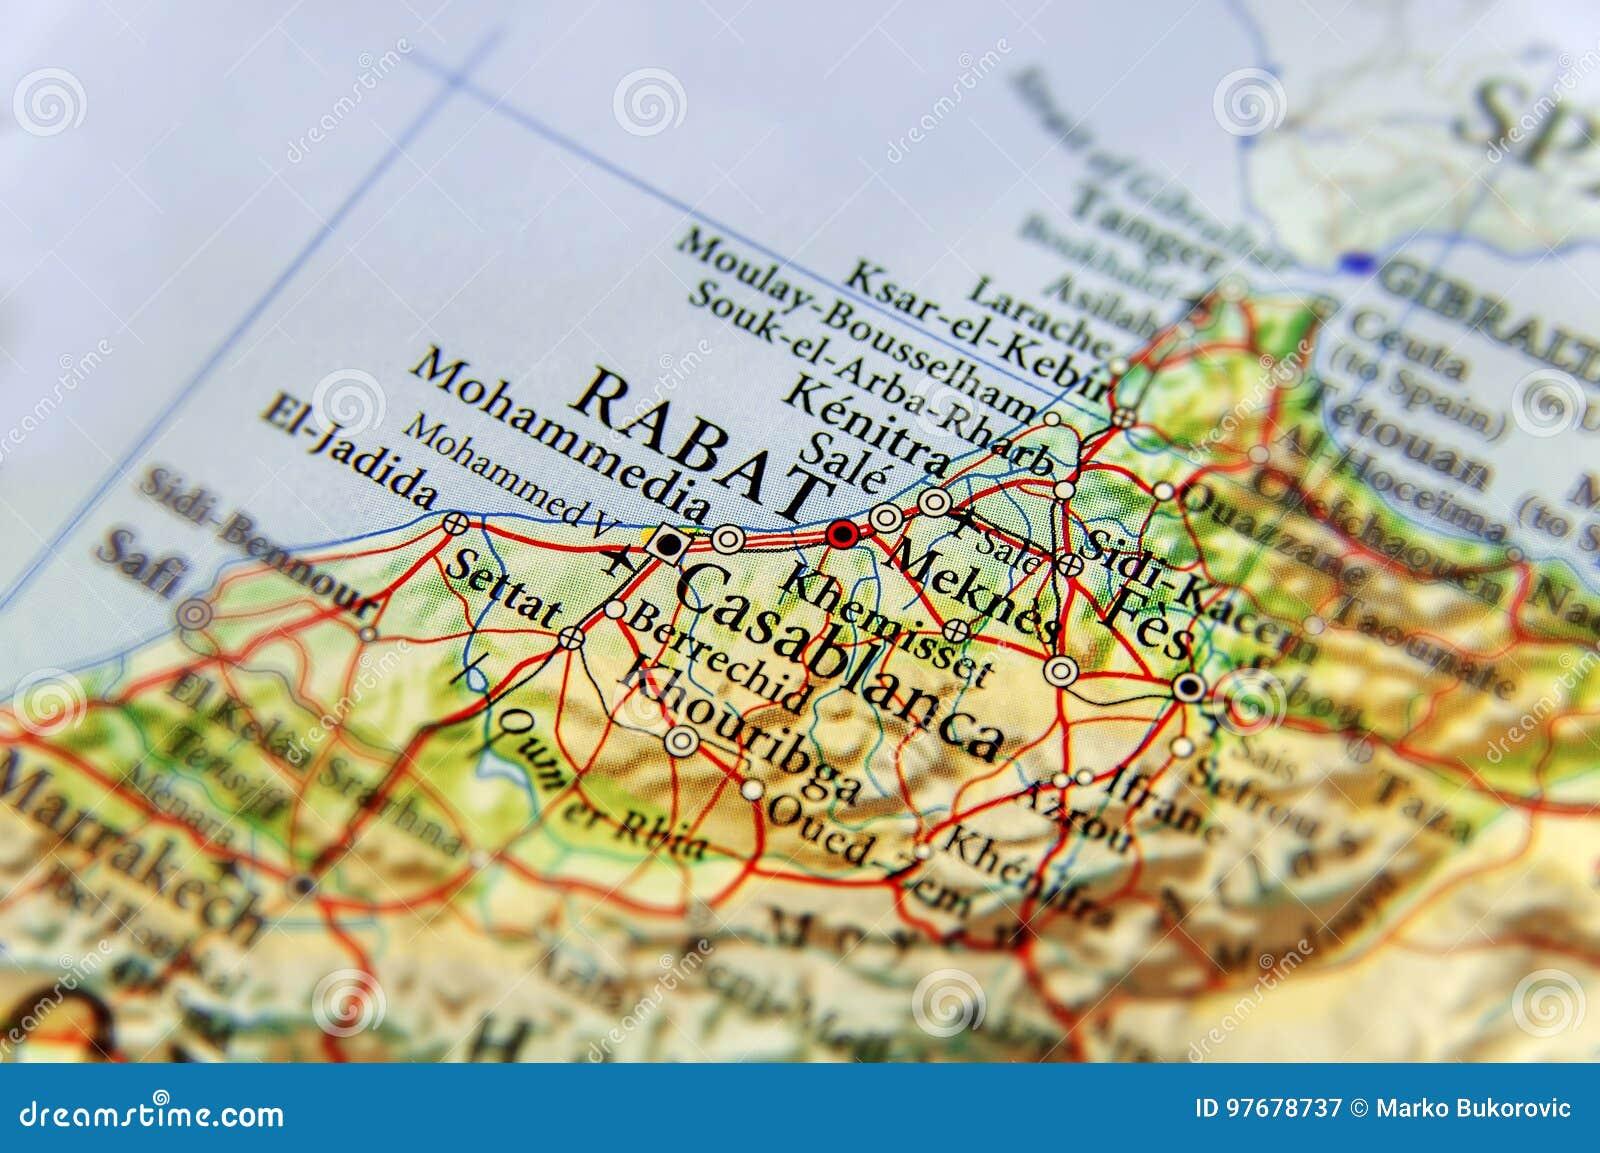 Cartina Stradale Marocco Gratis.Mappa Geografica Del Marocco Con La Capitale Rabat Immagine Stock Immagine Di Contrassegnato Politico 97678737